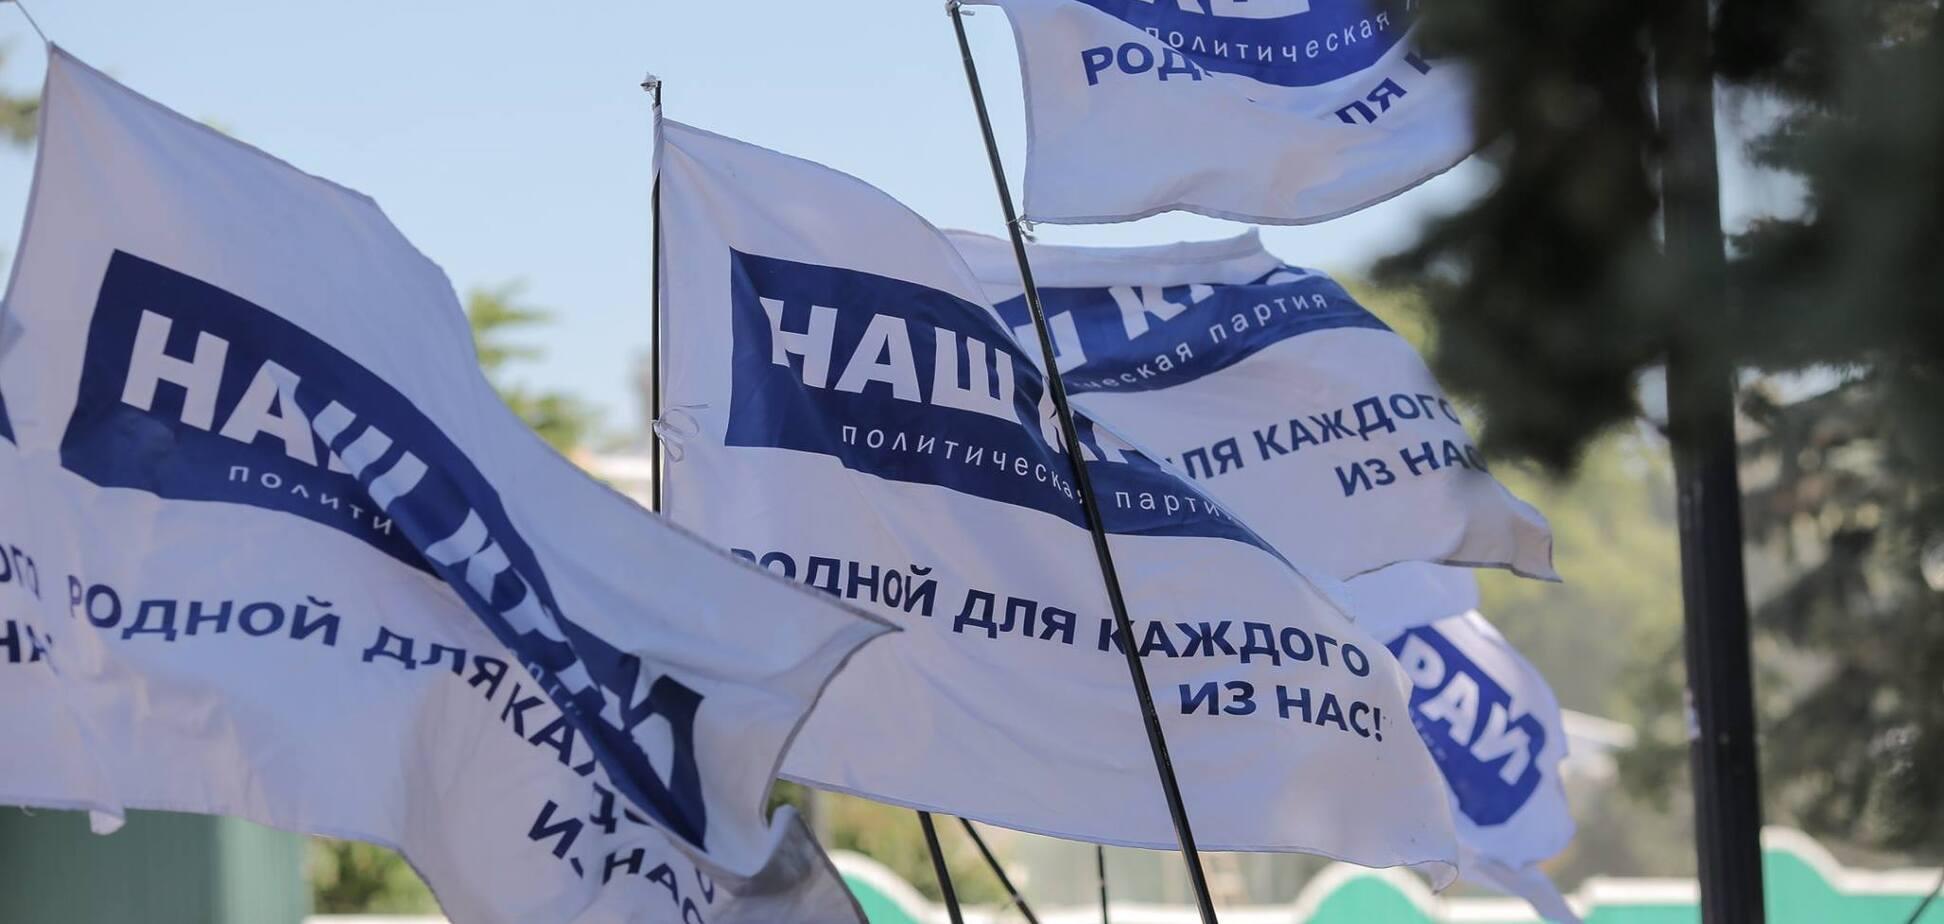 'Батьківщина', БПП и 'Наш край' побеждают на выборах в ОТГ - СМИ